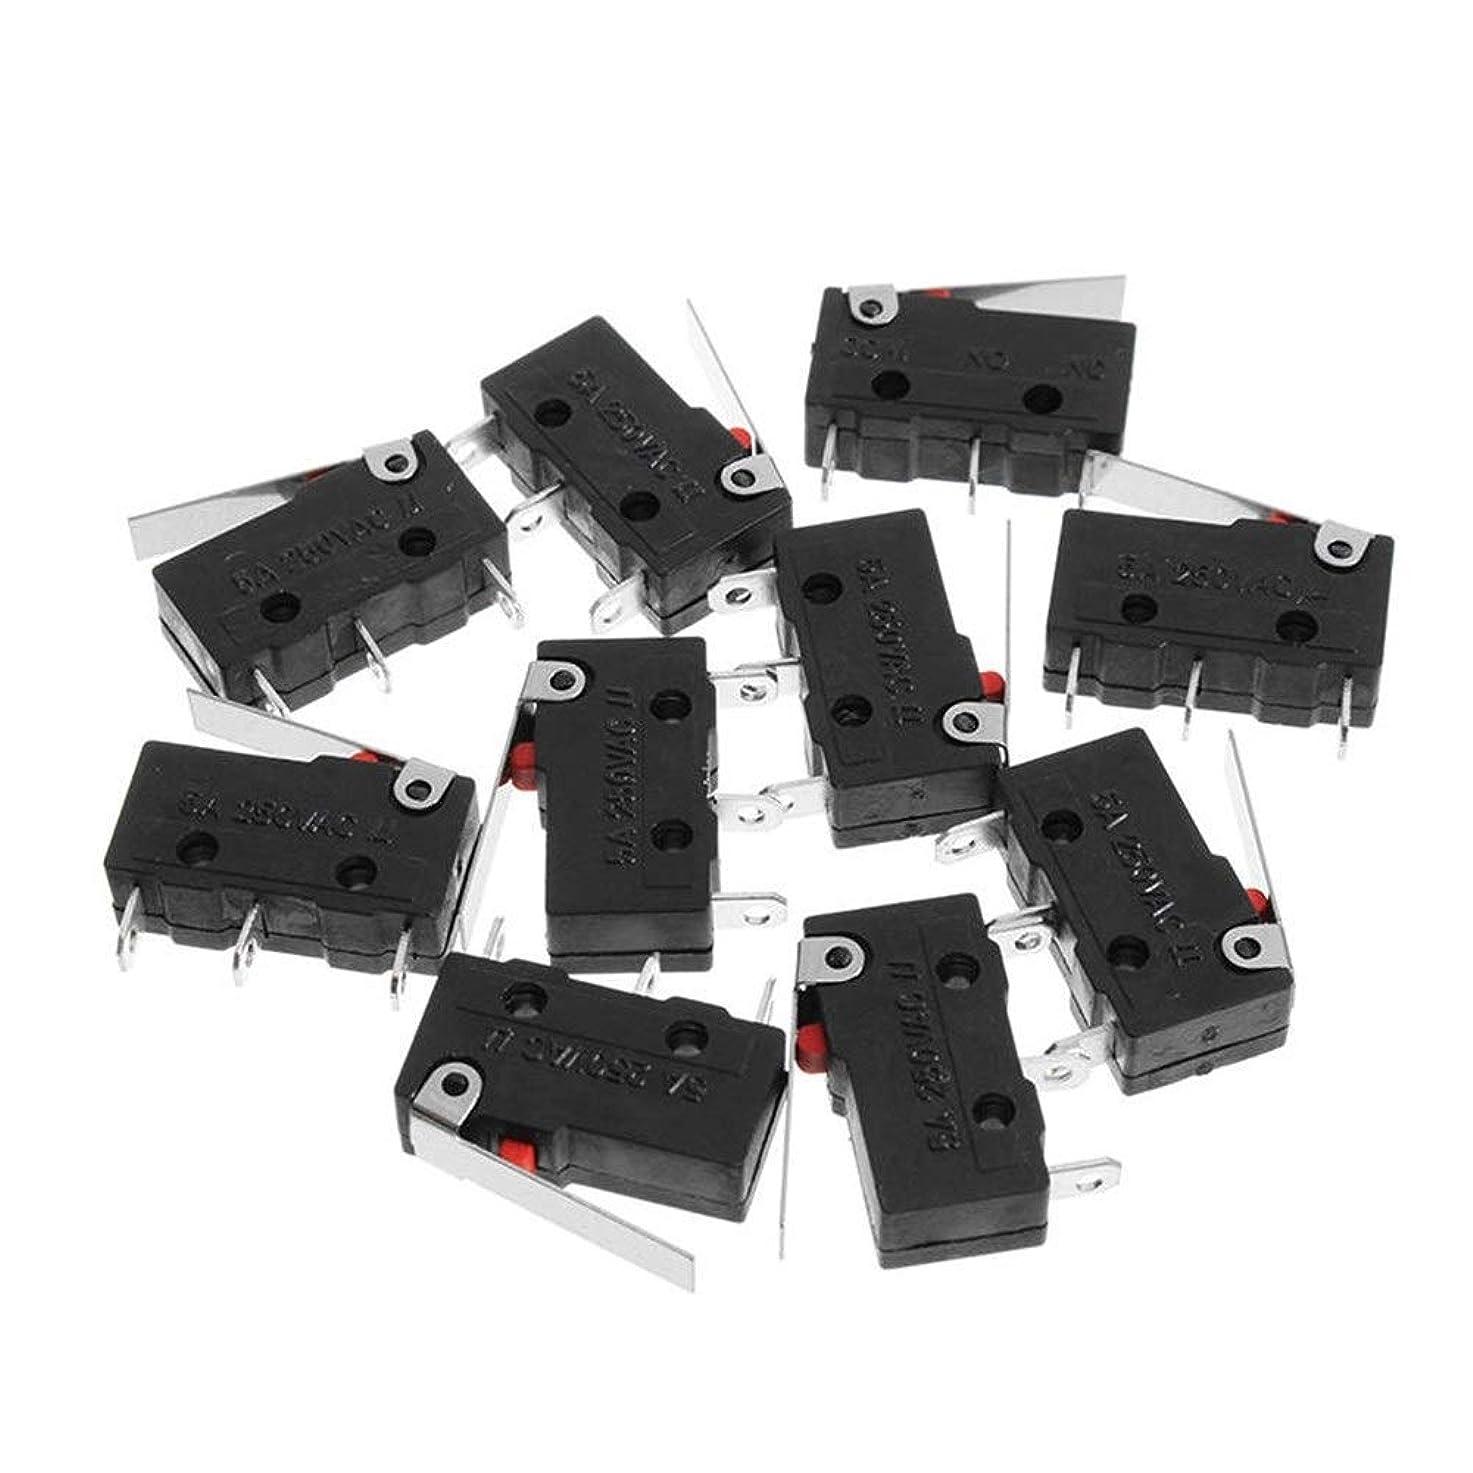 疑い者脆い晩ごはん5A 250V 10個入り3ピンタクトは、機密性の高いマイクロスイッチマイクロはハンドルKW11-3Zリミットスイッチを切り替えるスイッチ スイッチとソケット